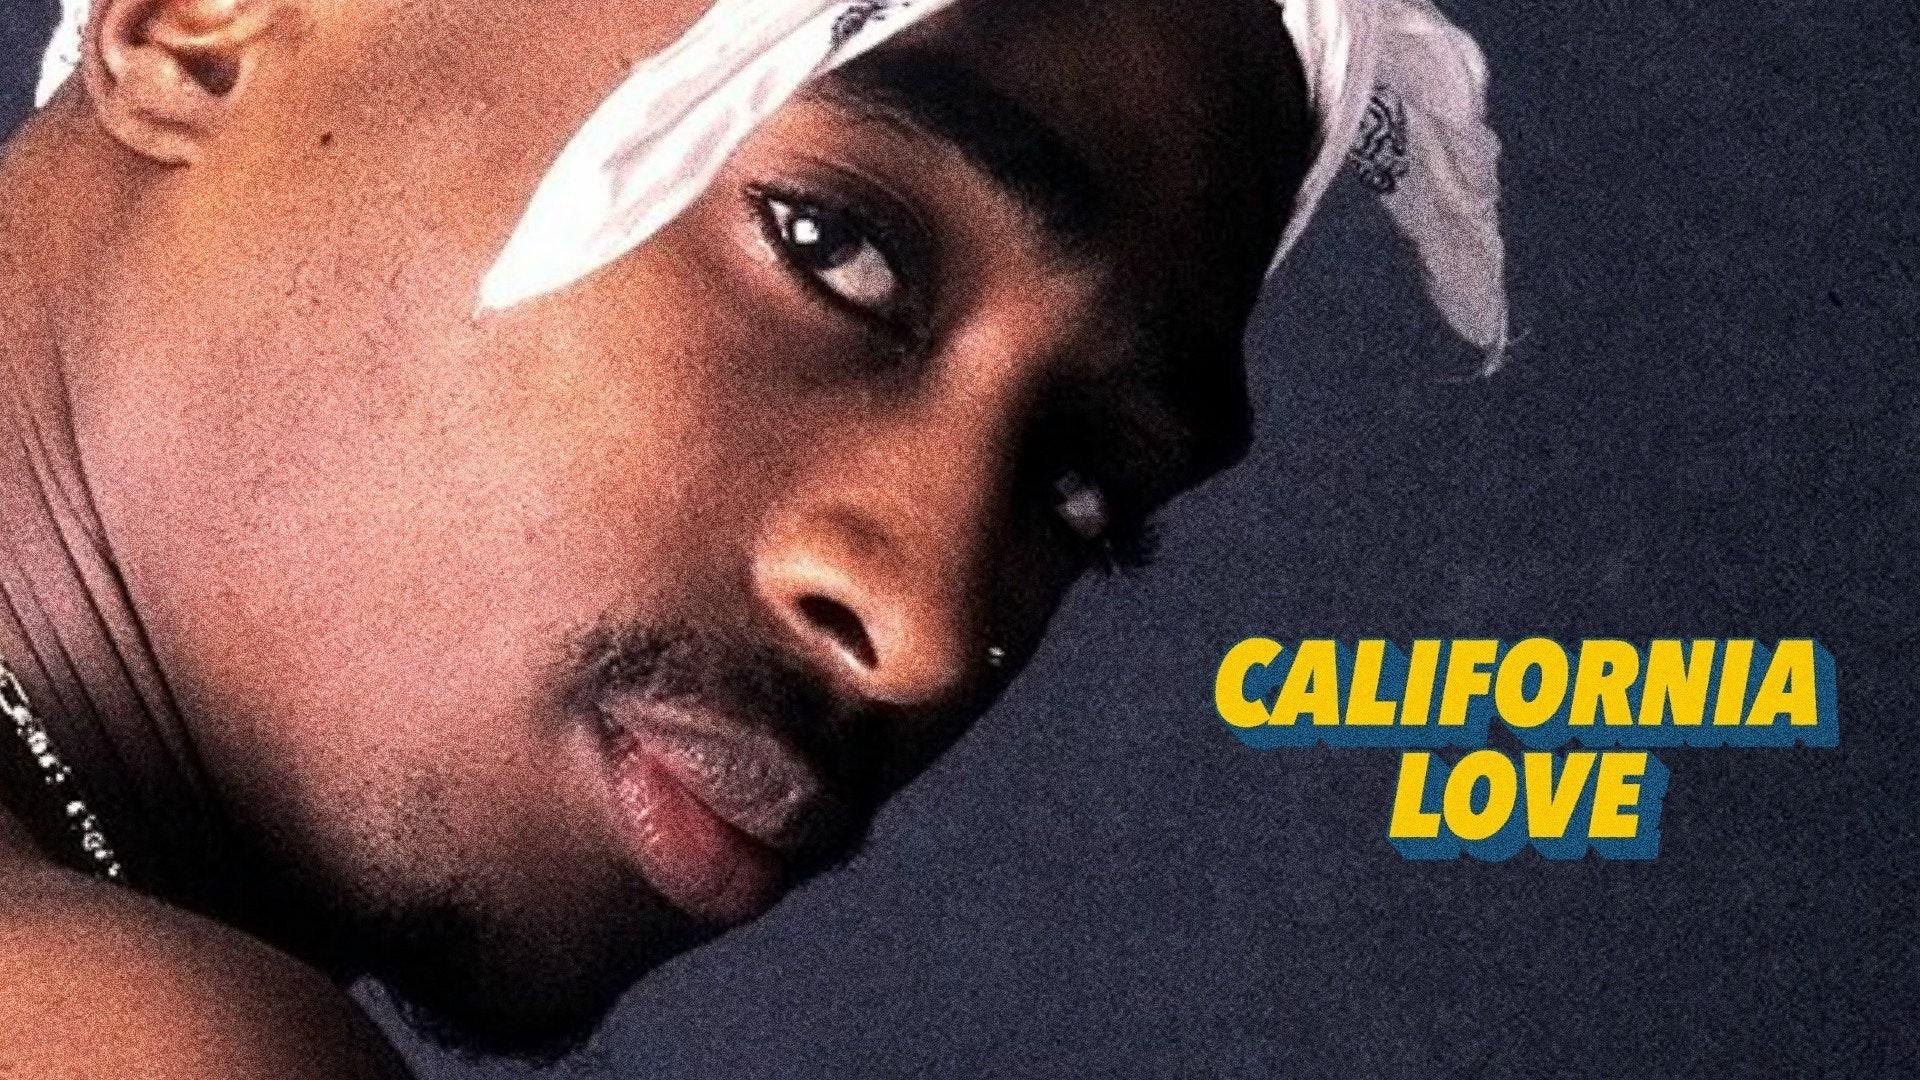 California Love (90s/00s Hip Hop & R&B)